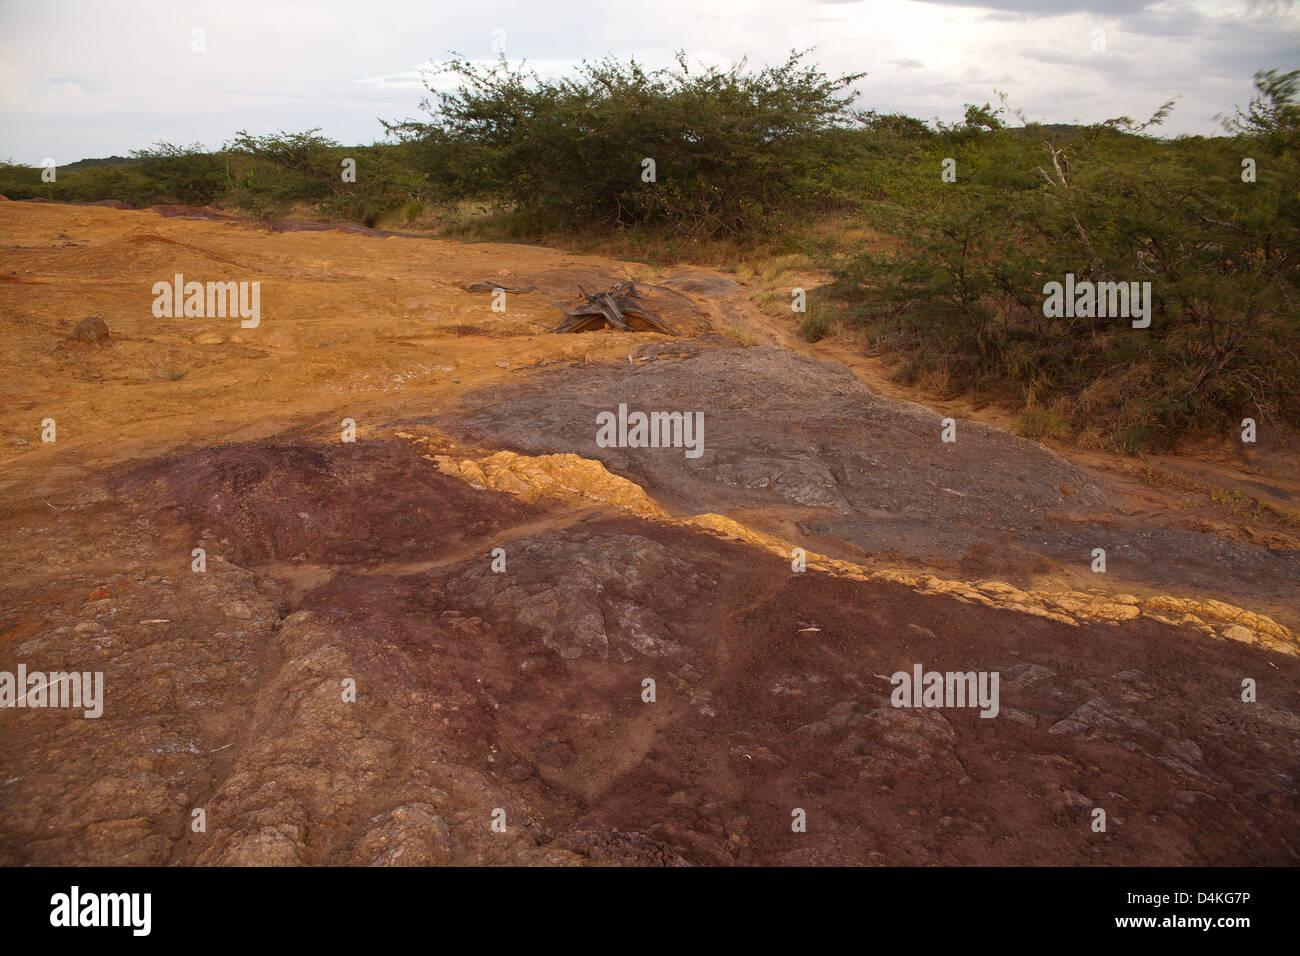 Paesaggio in Sarigua national park, Herrera provincia, Repubblica di Panama. Immagini Stock